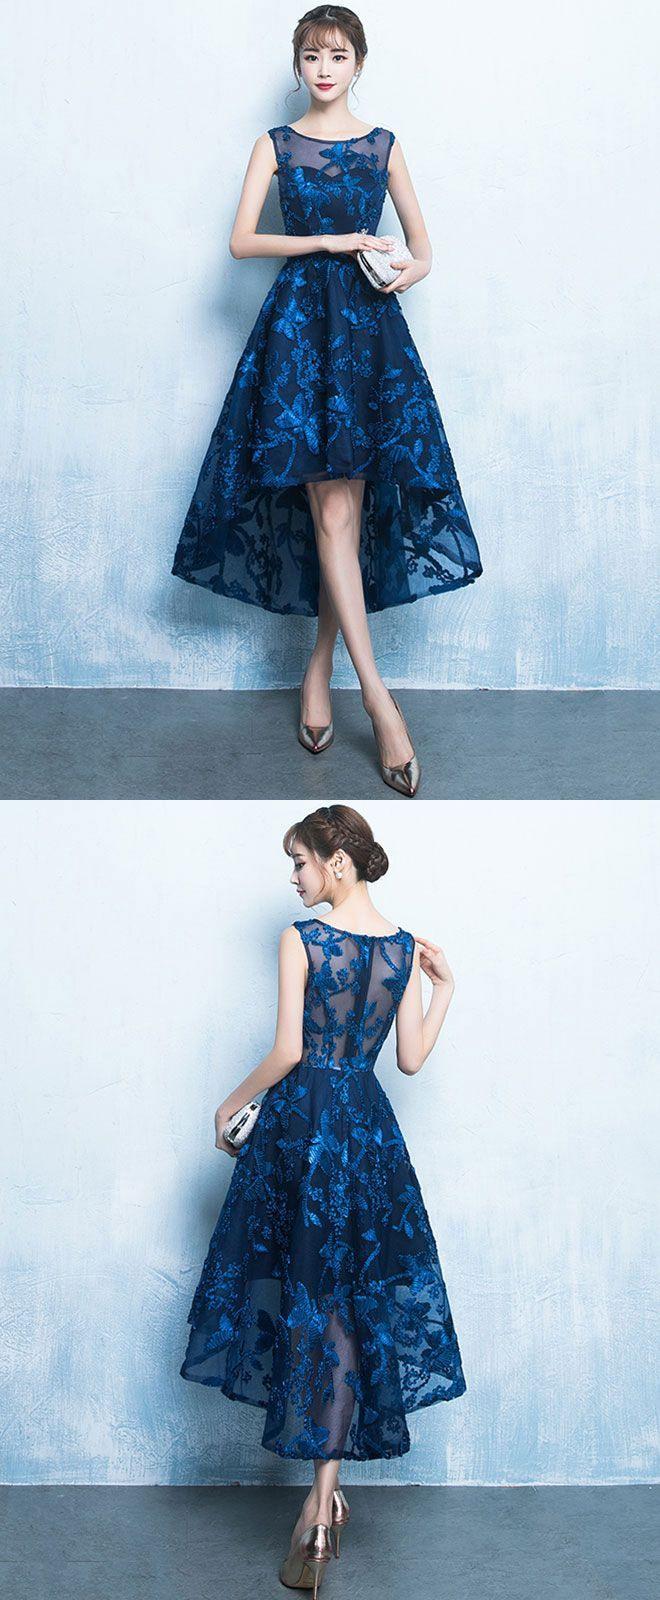 10 Genial Dunkelblaues Kurzes Kleid Spezialgebiet15 Top Dunkelblaues Kurzes Kleid Vertrieb